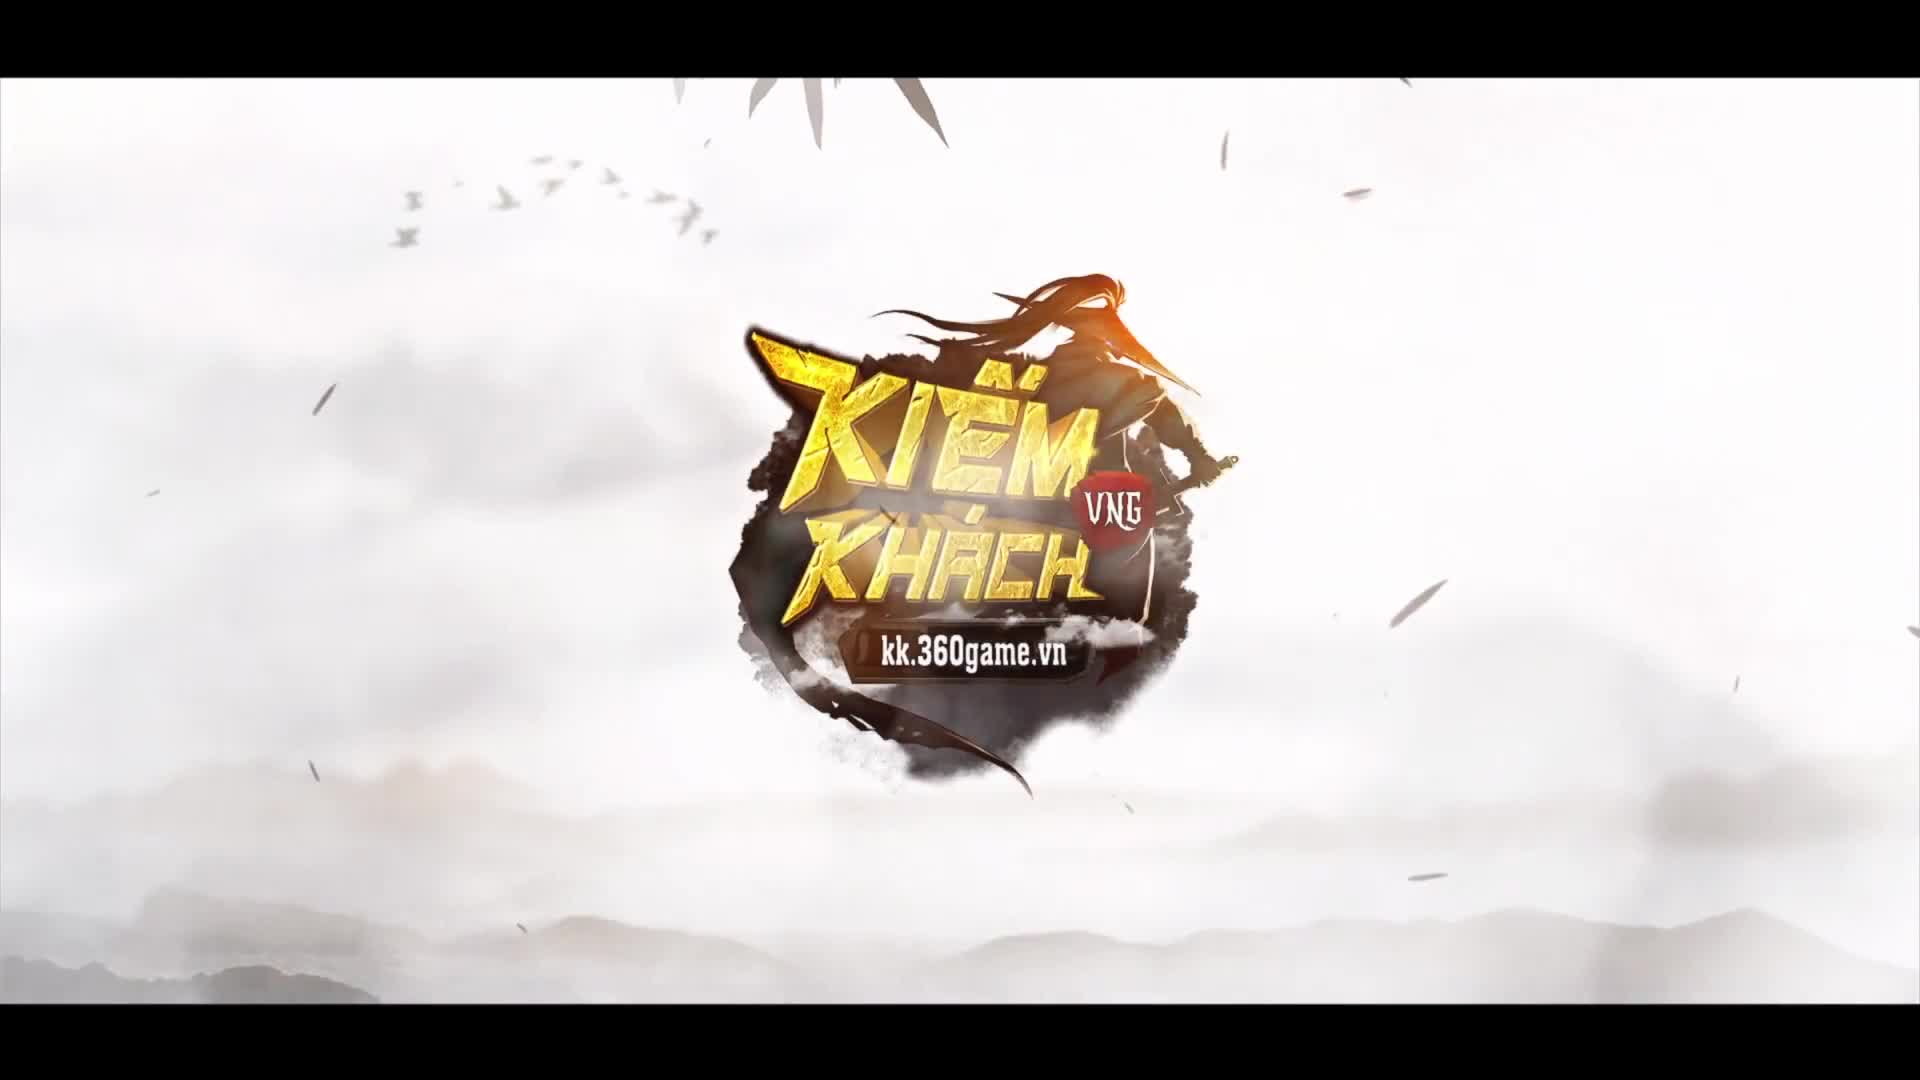 Kiếm Khách VNG chính thức ra mắt – Game thủ mau vào chiến ngay - ảnh 1